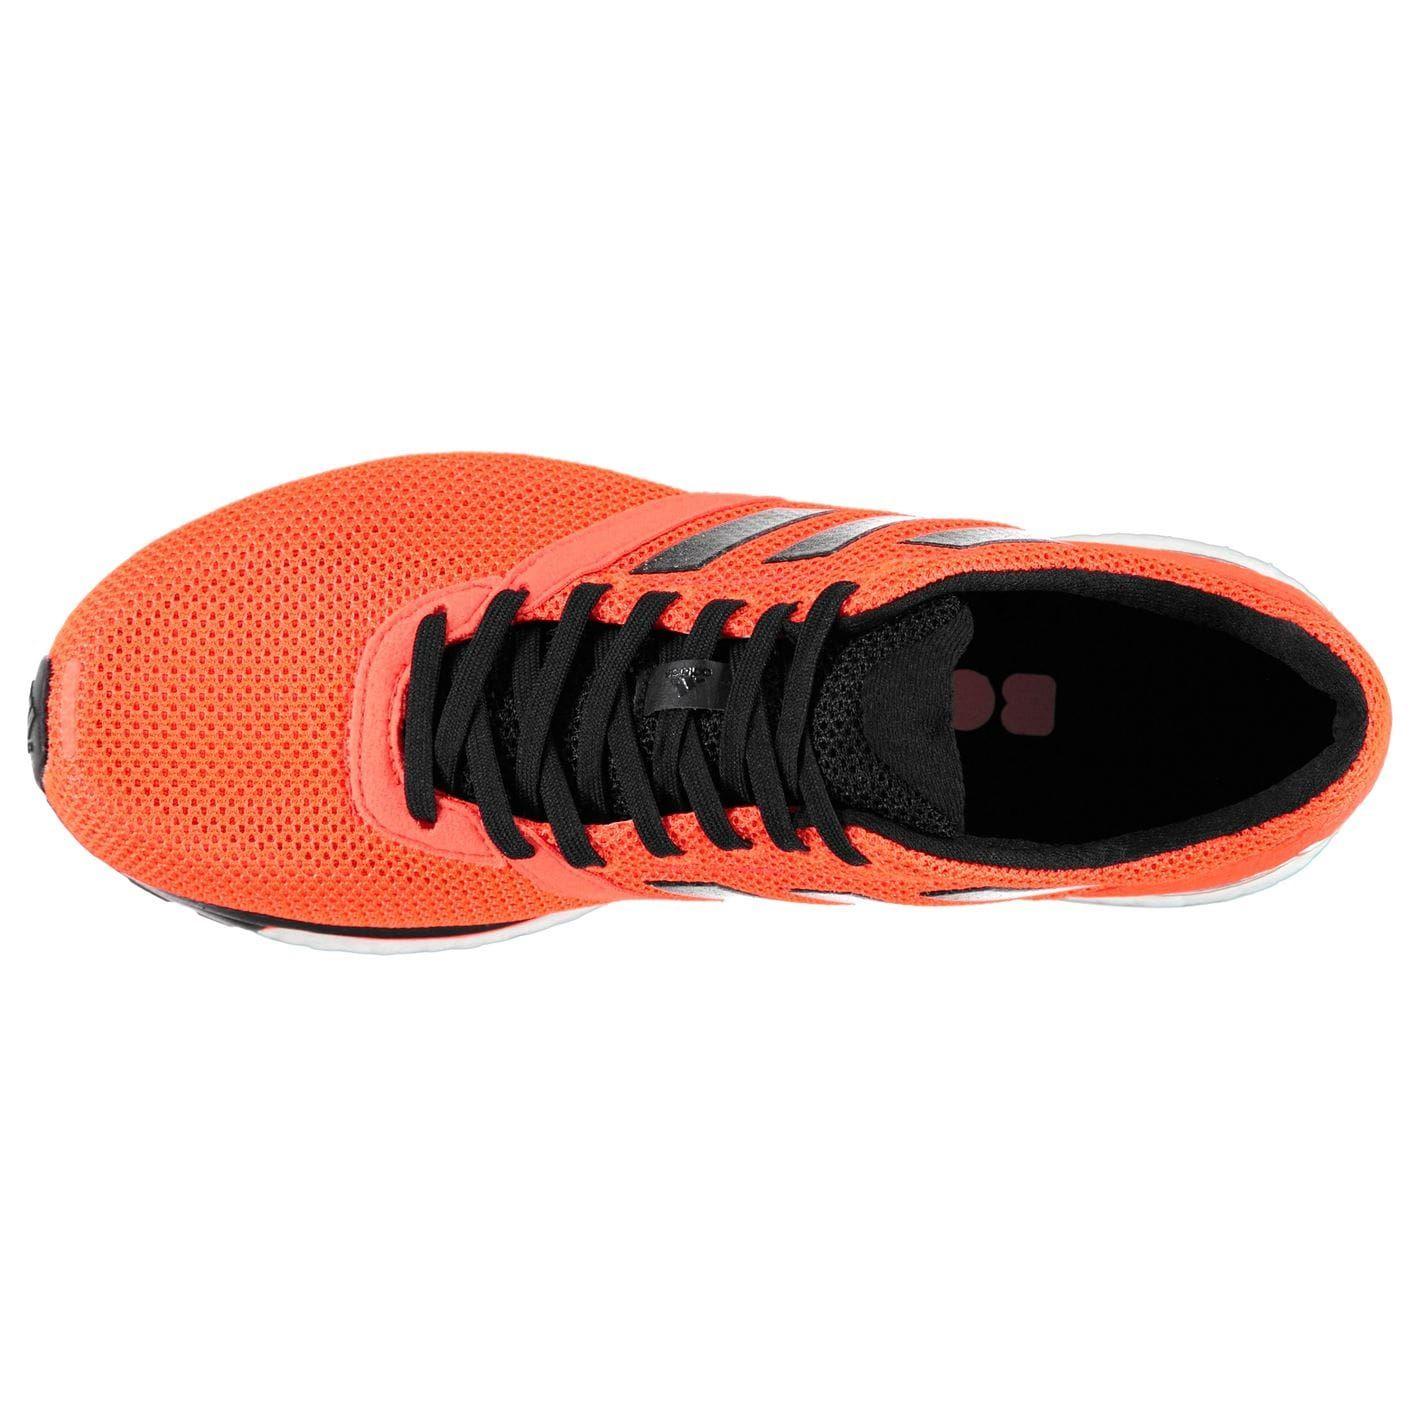 adidas Adizero Adios 4 Running Trainers